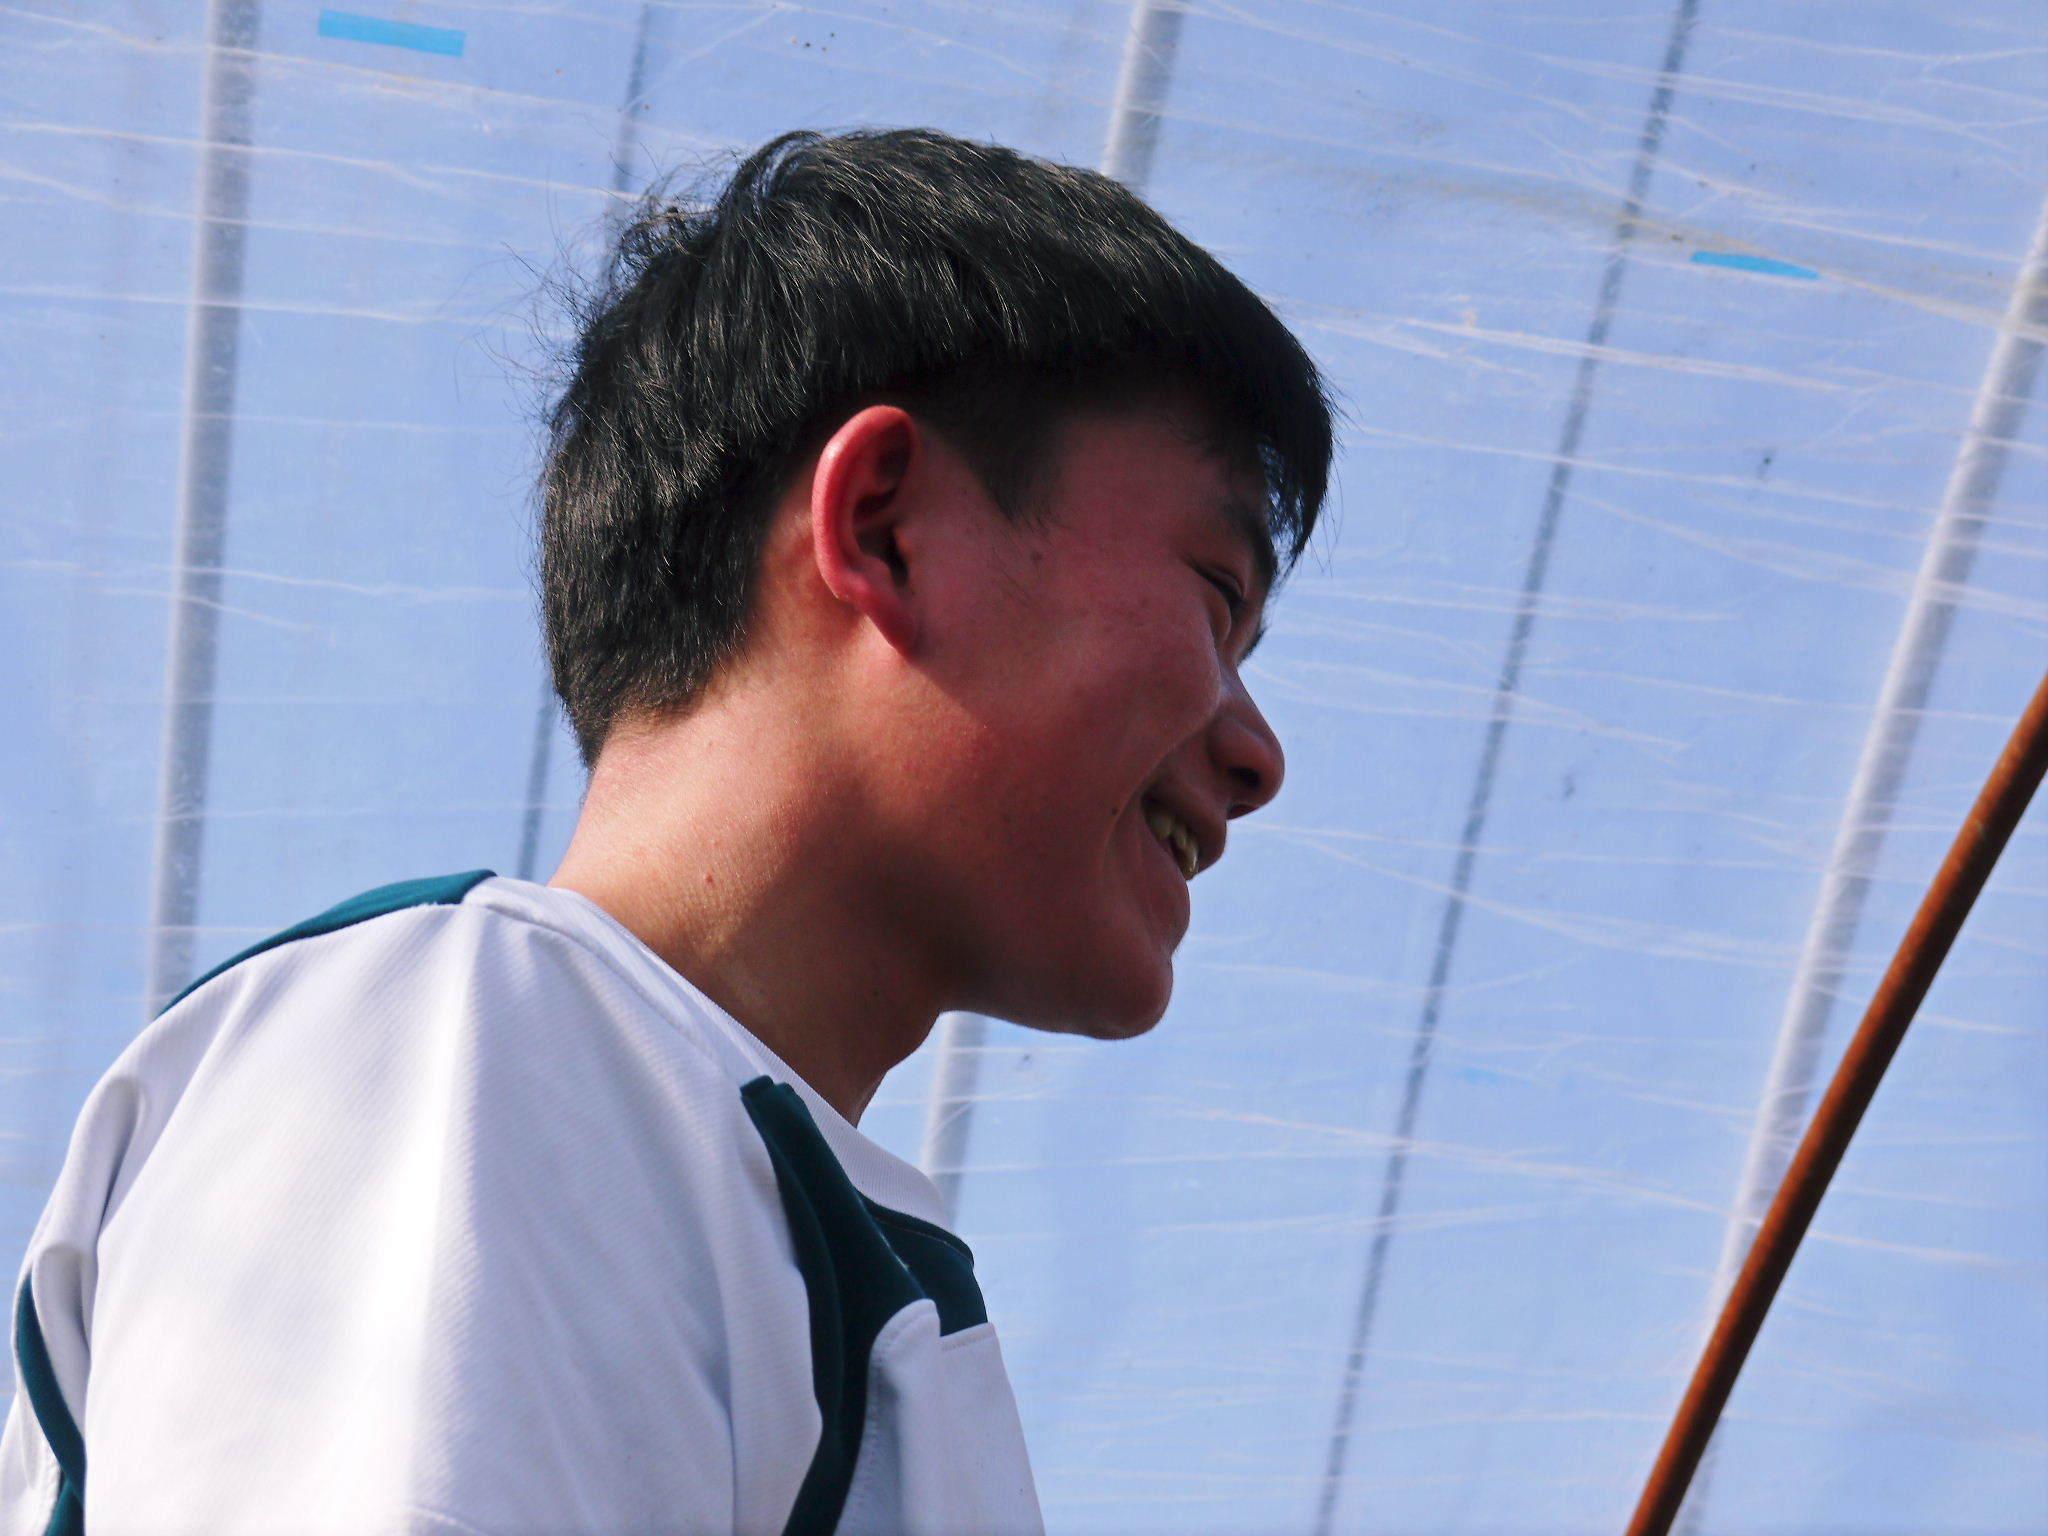 熊本ぶどう 社方園 ハウスの内張り作業を熊本農業高校からの農業実習と共に行っています(2020)後編_a0254656_17103041.jpg